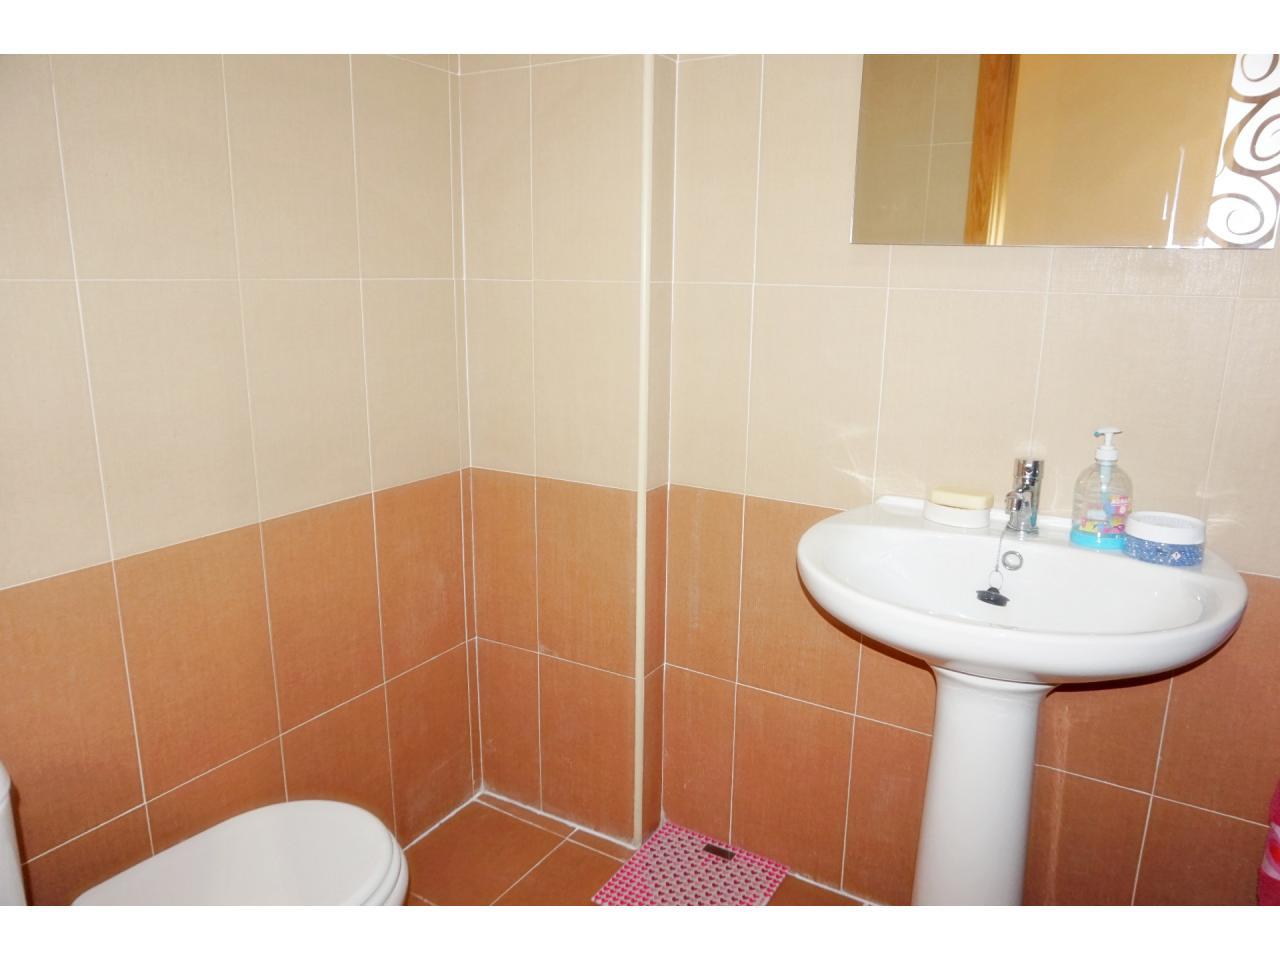 Tuautoinmobiliaria piso en venta en los ngeles 03009 por 000047 - Pisos en los angeles alicante ...